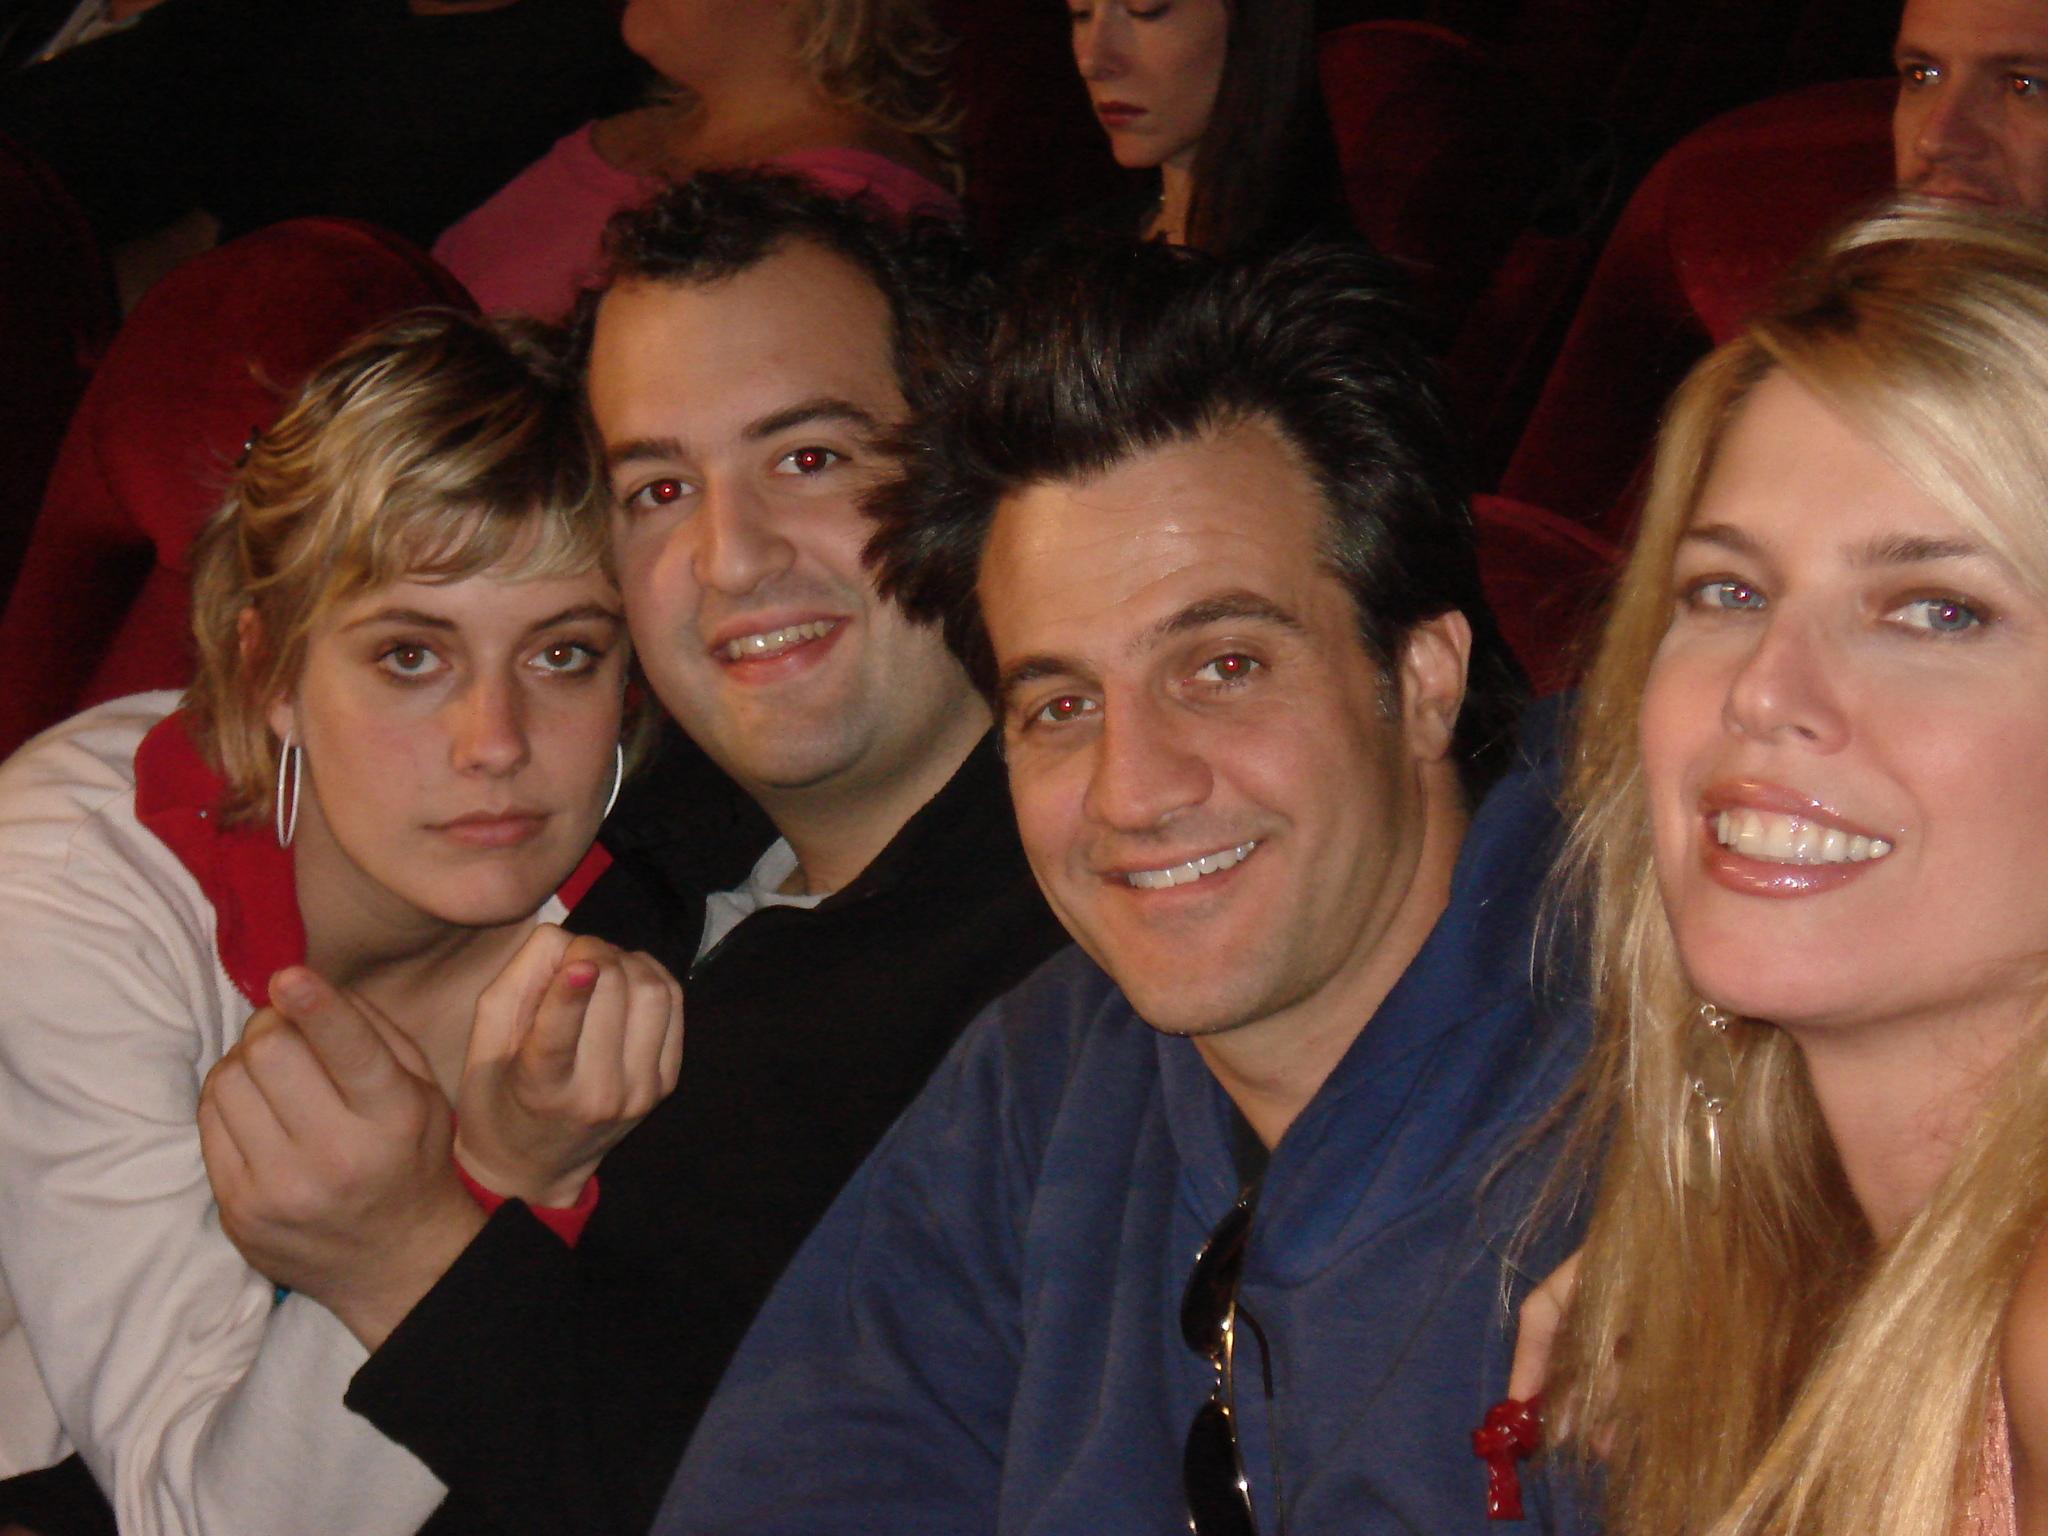 Elise Muller, Ross Partridge, Steve Zissis, and Greta Gerwig in Baghead (2008)